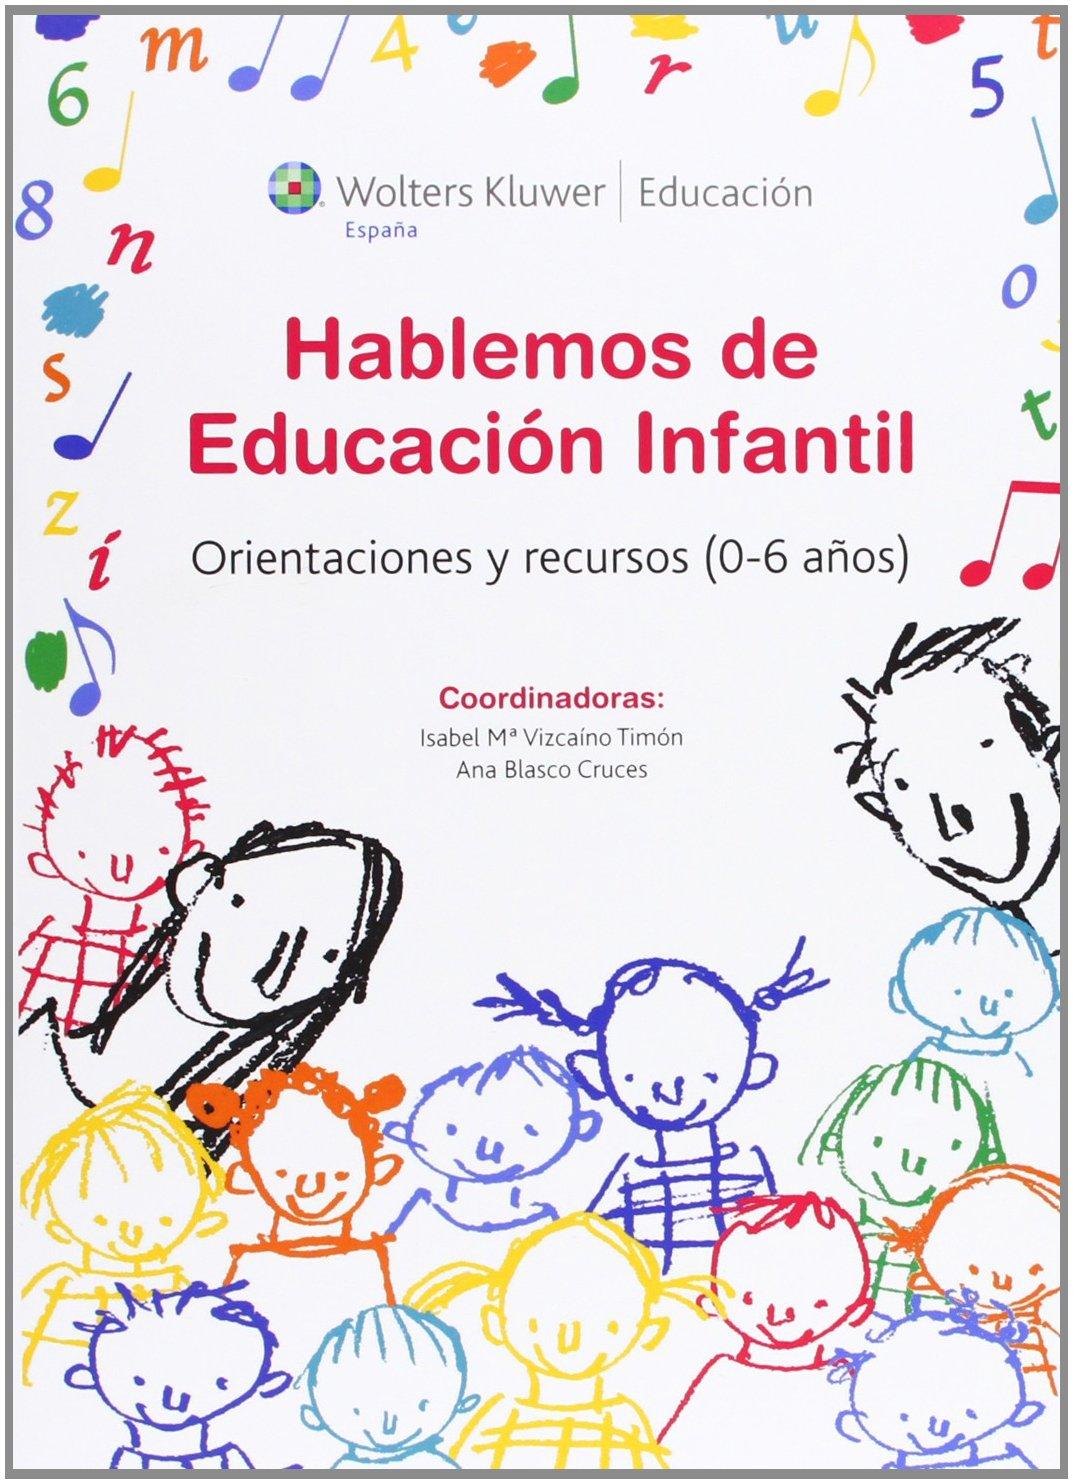 Hablemos de educación infantil: Orientaciones y recursos 0-6 años Educacion wolters: Amazon.es: Isabel María Vizcaíno Timón, Ana Blasco Cruces: Libros